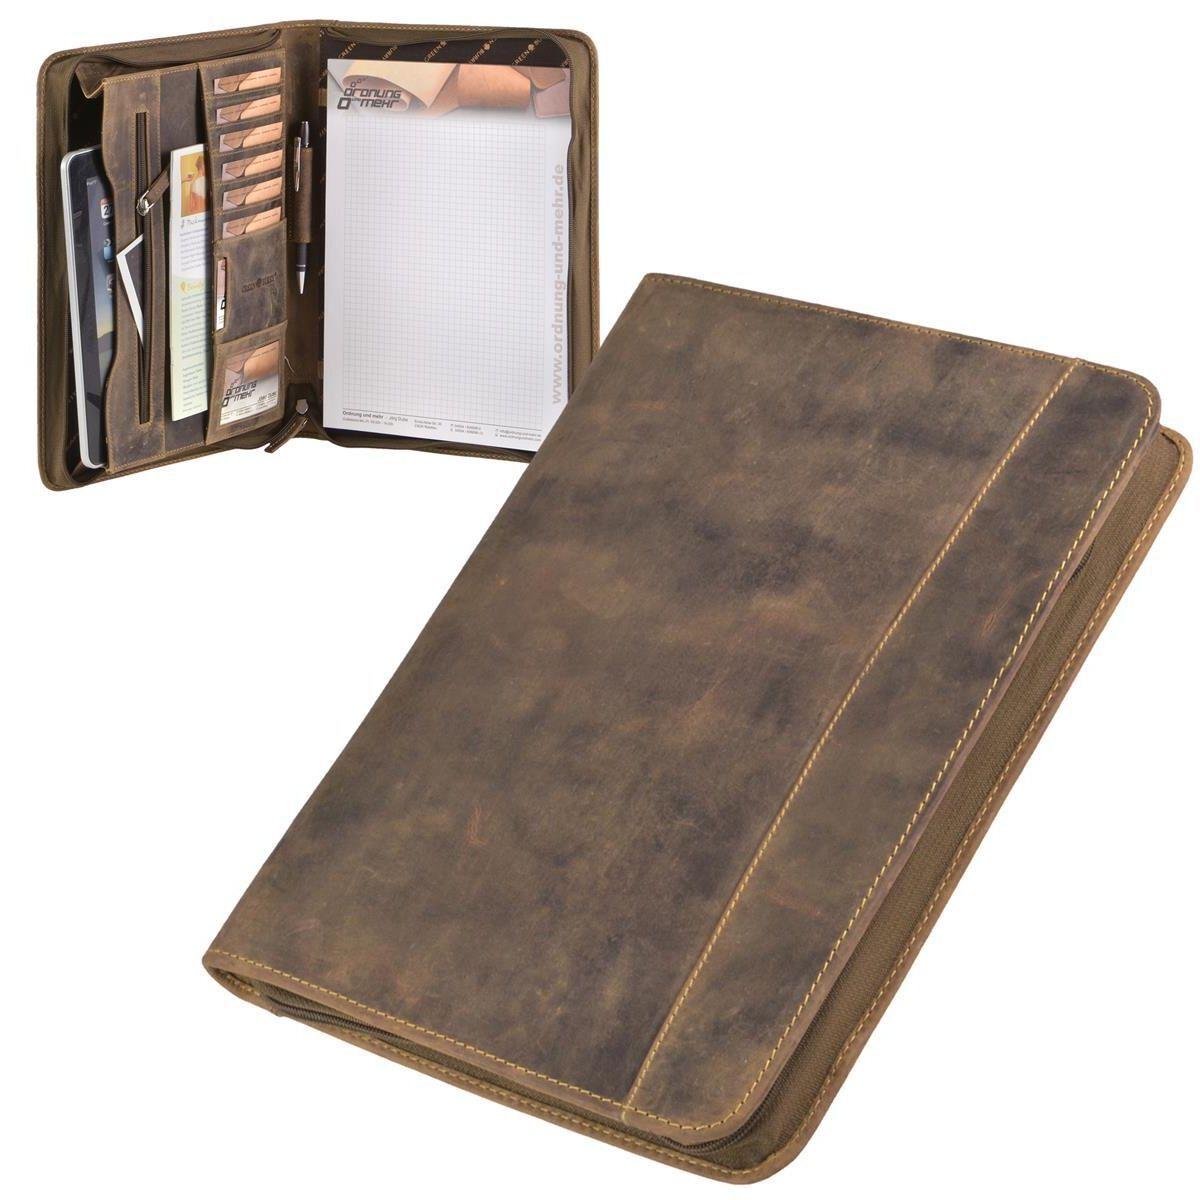 Grünburry Vintage Schreibmappe A4 Leder braun mit Reißverschluss + Münzbox | Moderater Preis  | Vorzüglich  | Trendy